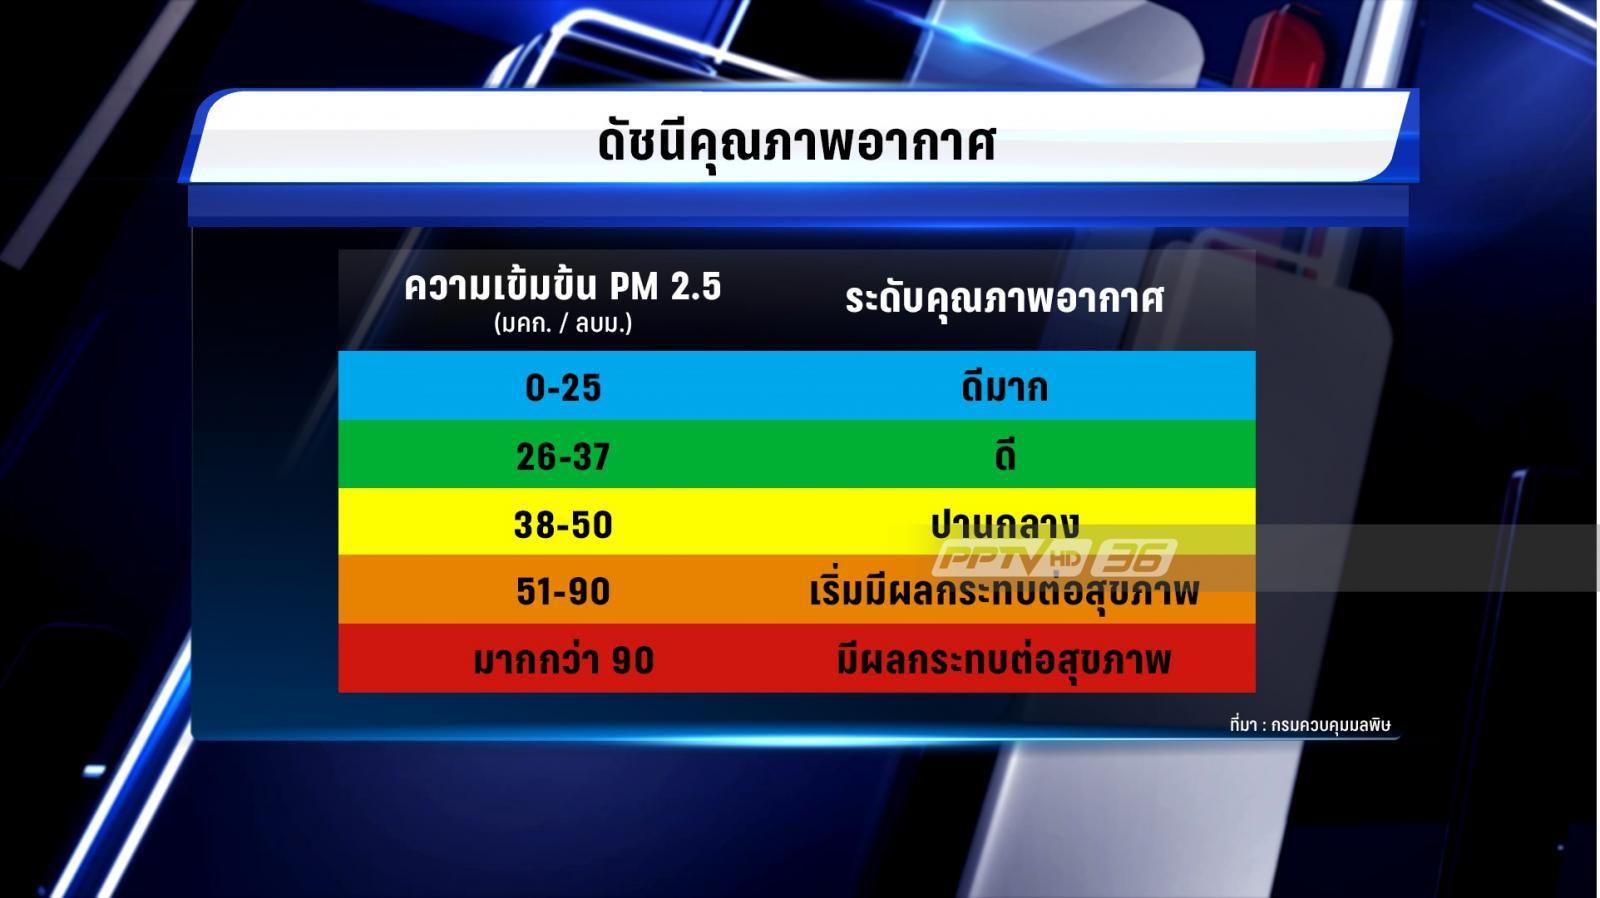 คพ.ประกาศนำค่าฝุ่น PM 2.5 มาร่วมวัดดัชนีคุณภาพอากาศ